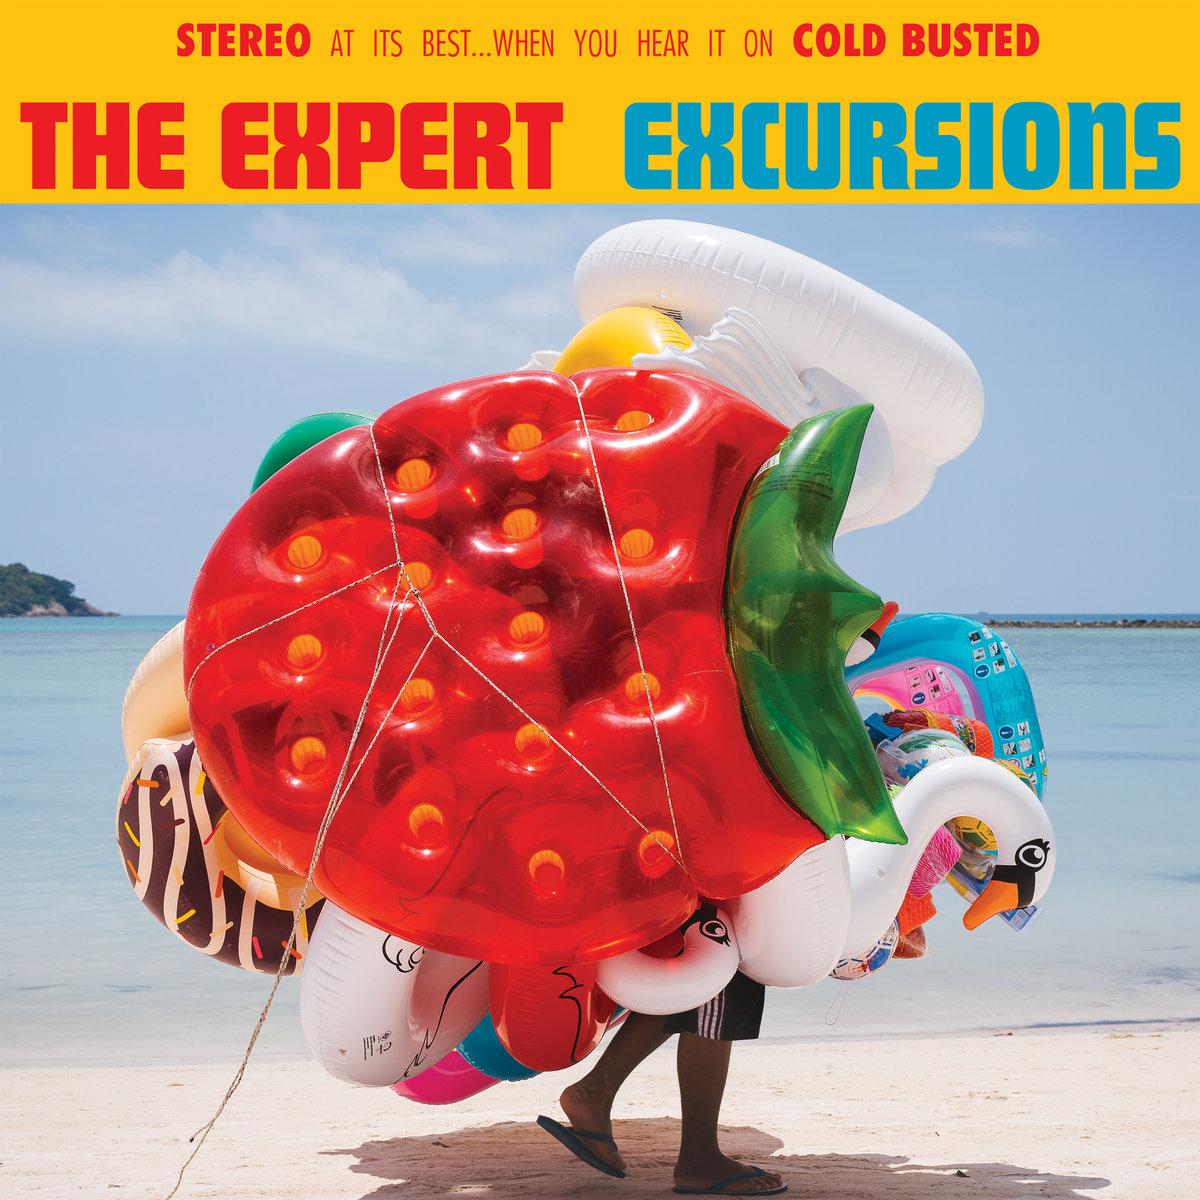 the expert excursions album